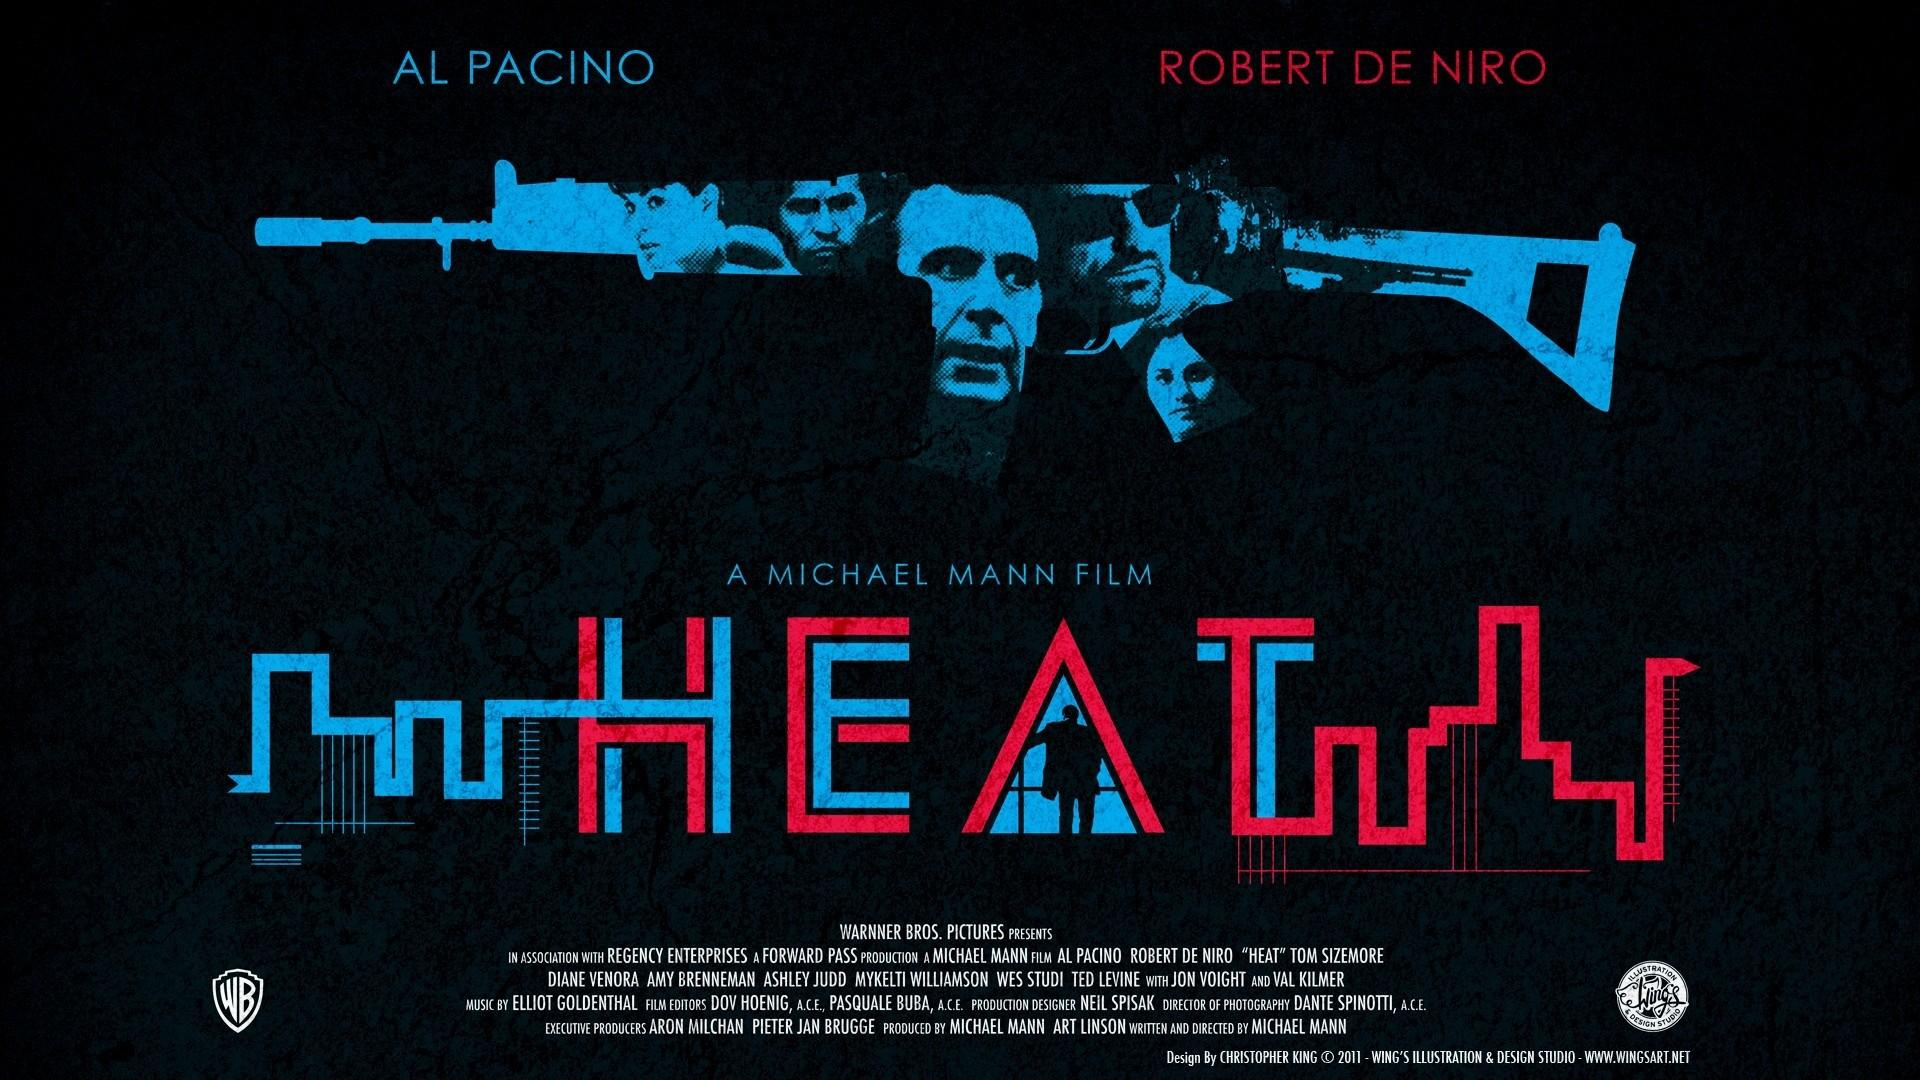 Wallpaper : text, heat movie, Al Pacino, Robert de Niro